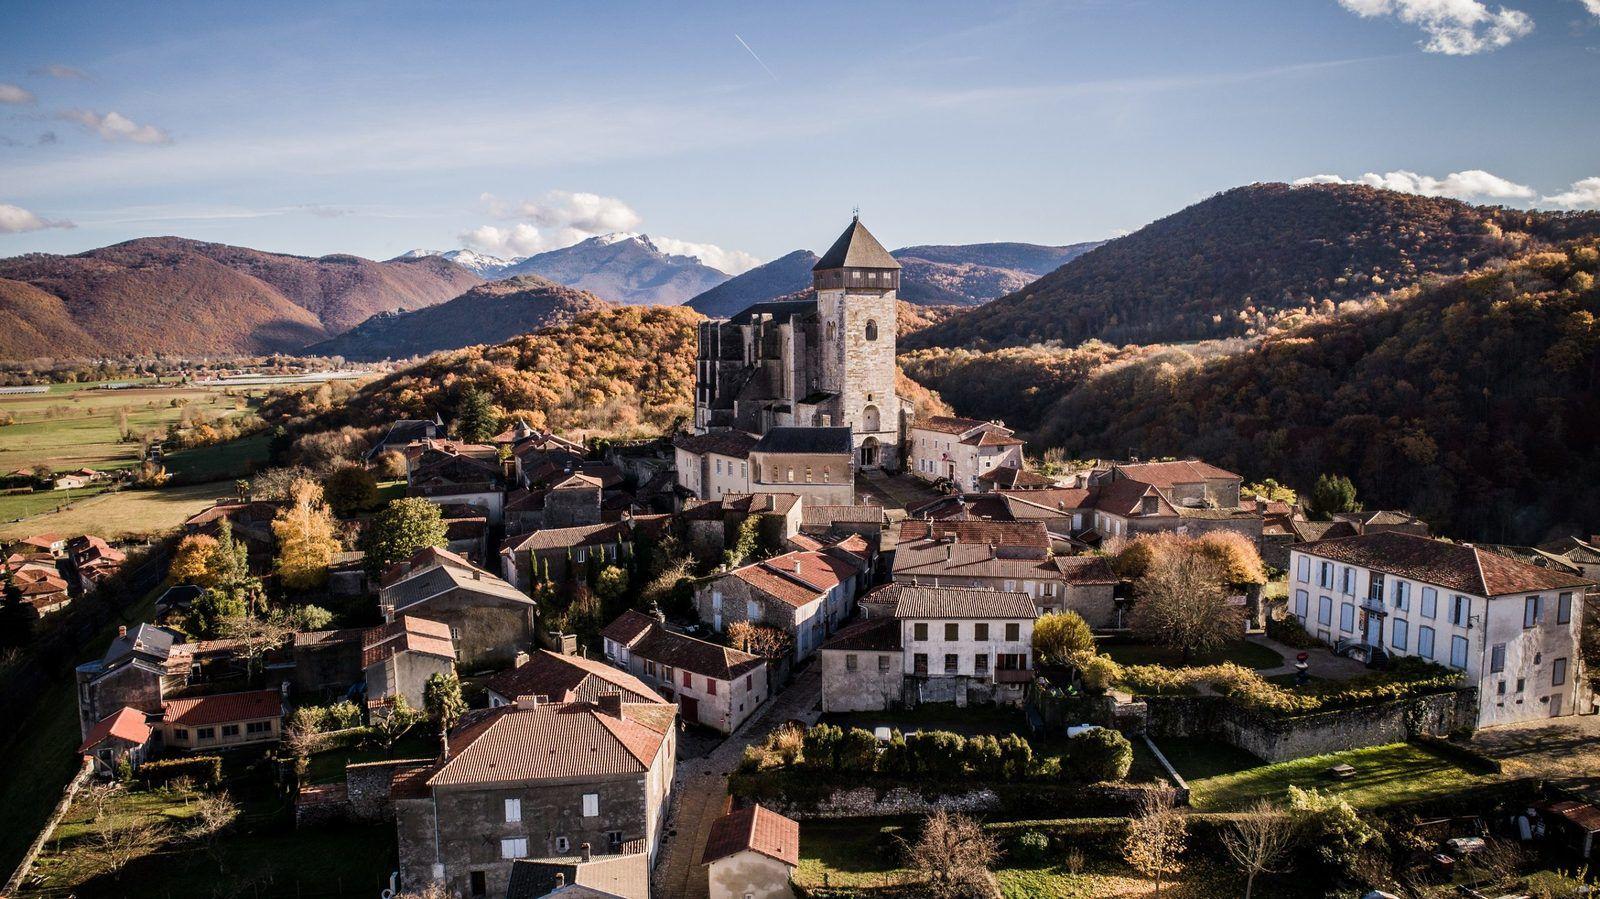 Village préféré des Français : Saint-Bertrand-de-Comminges sera-t-il élu ce mercredi 1er juillet ?